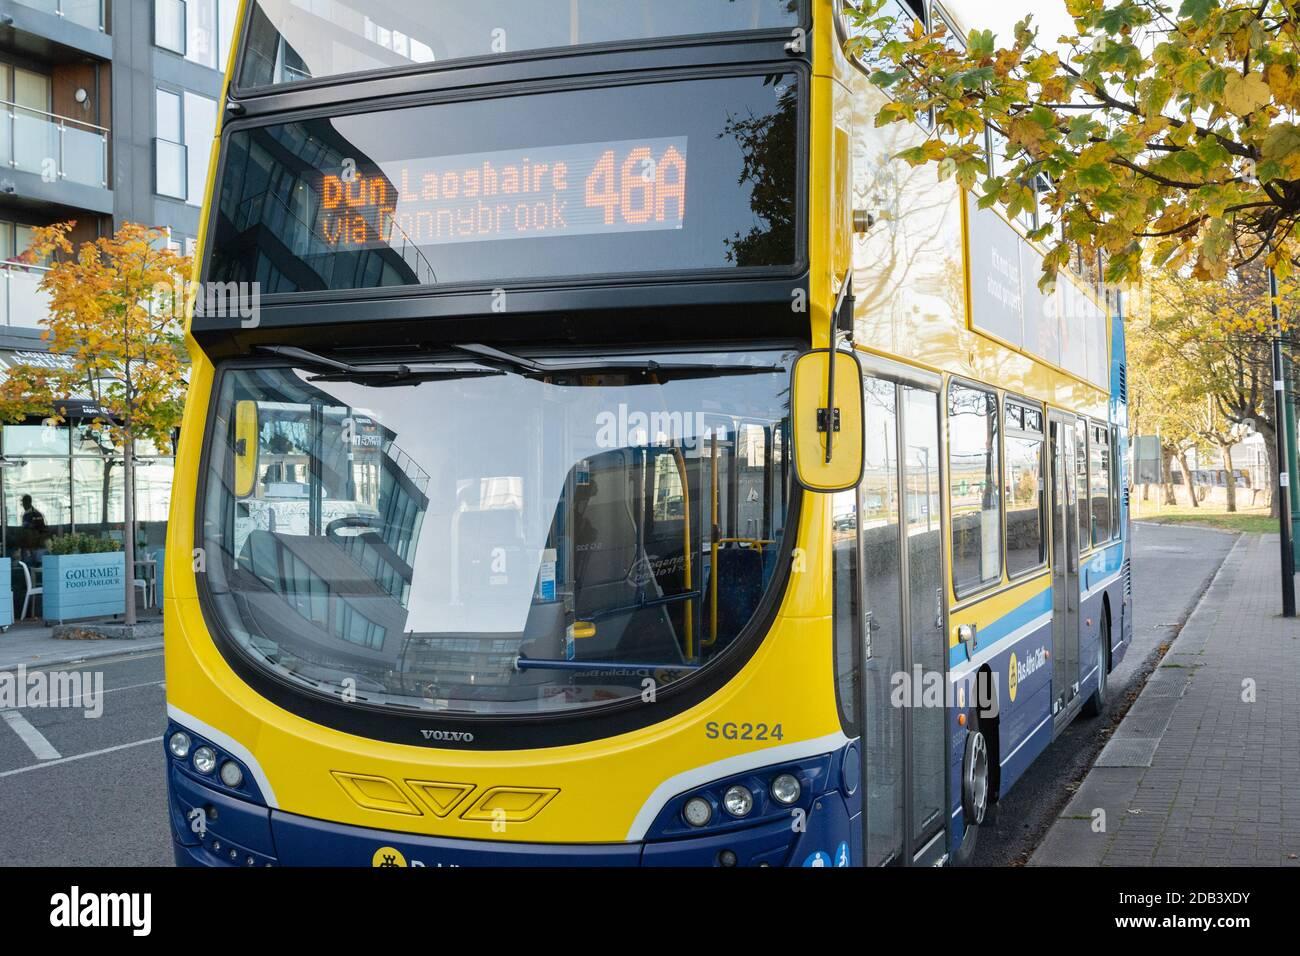 Transports en commun à Dun Laoghaire dans le comté de Dublin, Irlande Banque D'Images